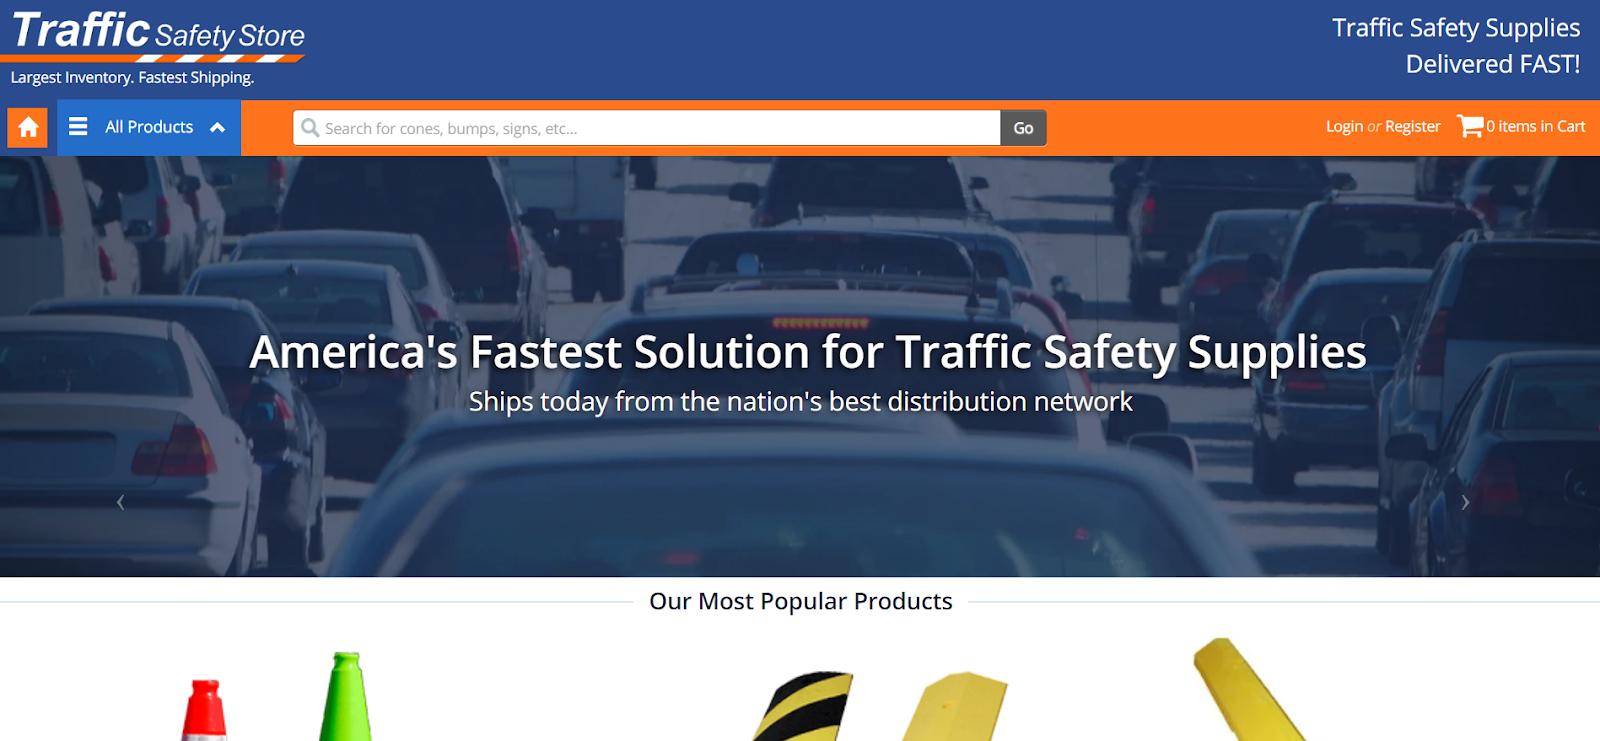 b2b sito di e-commerce per attrezzature di sicurezza del traffico